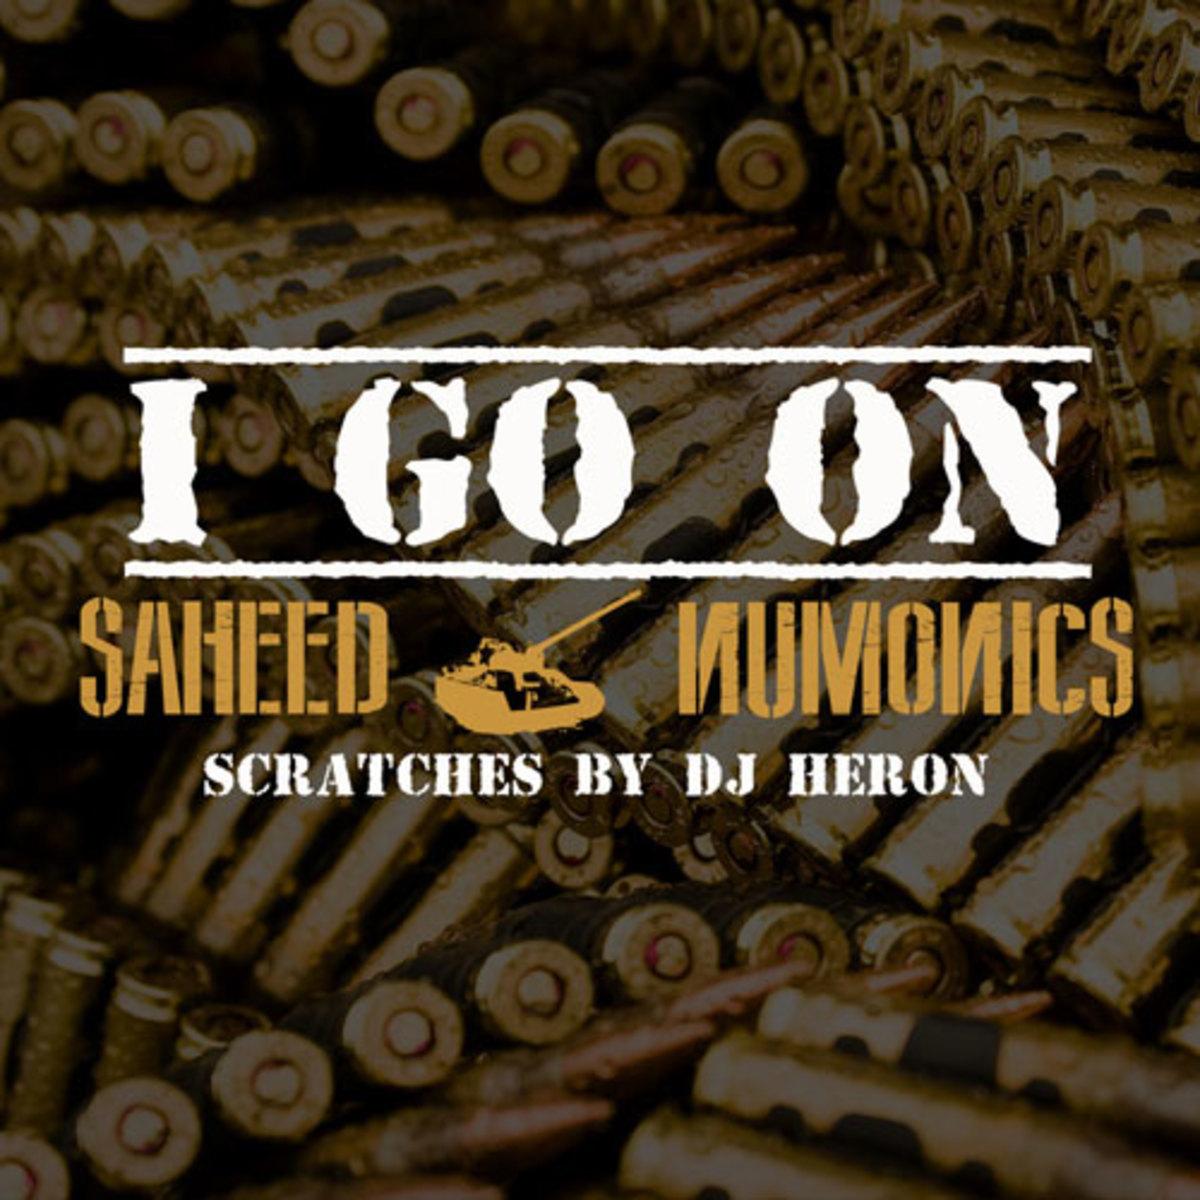 saheed-igoon.jpg